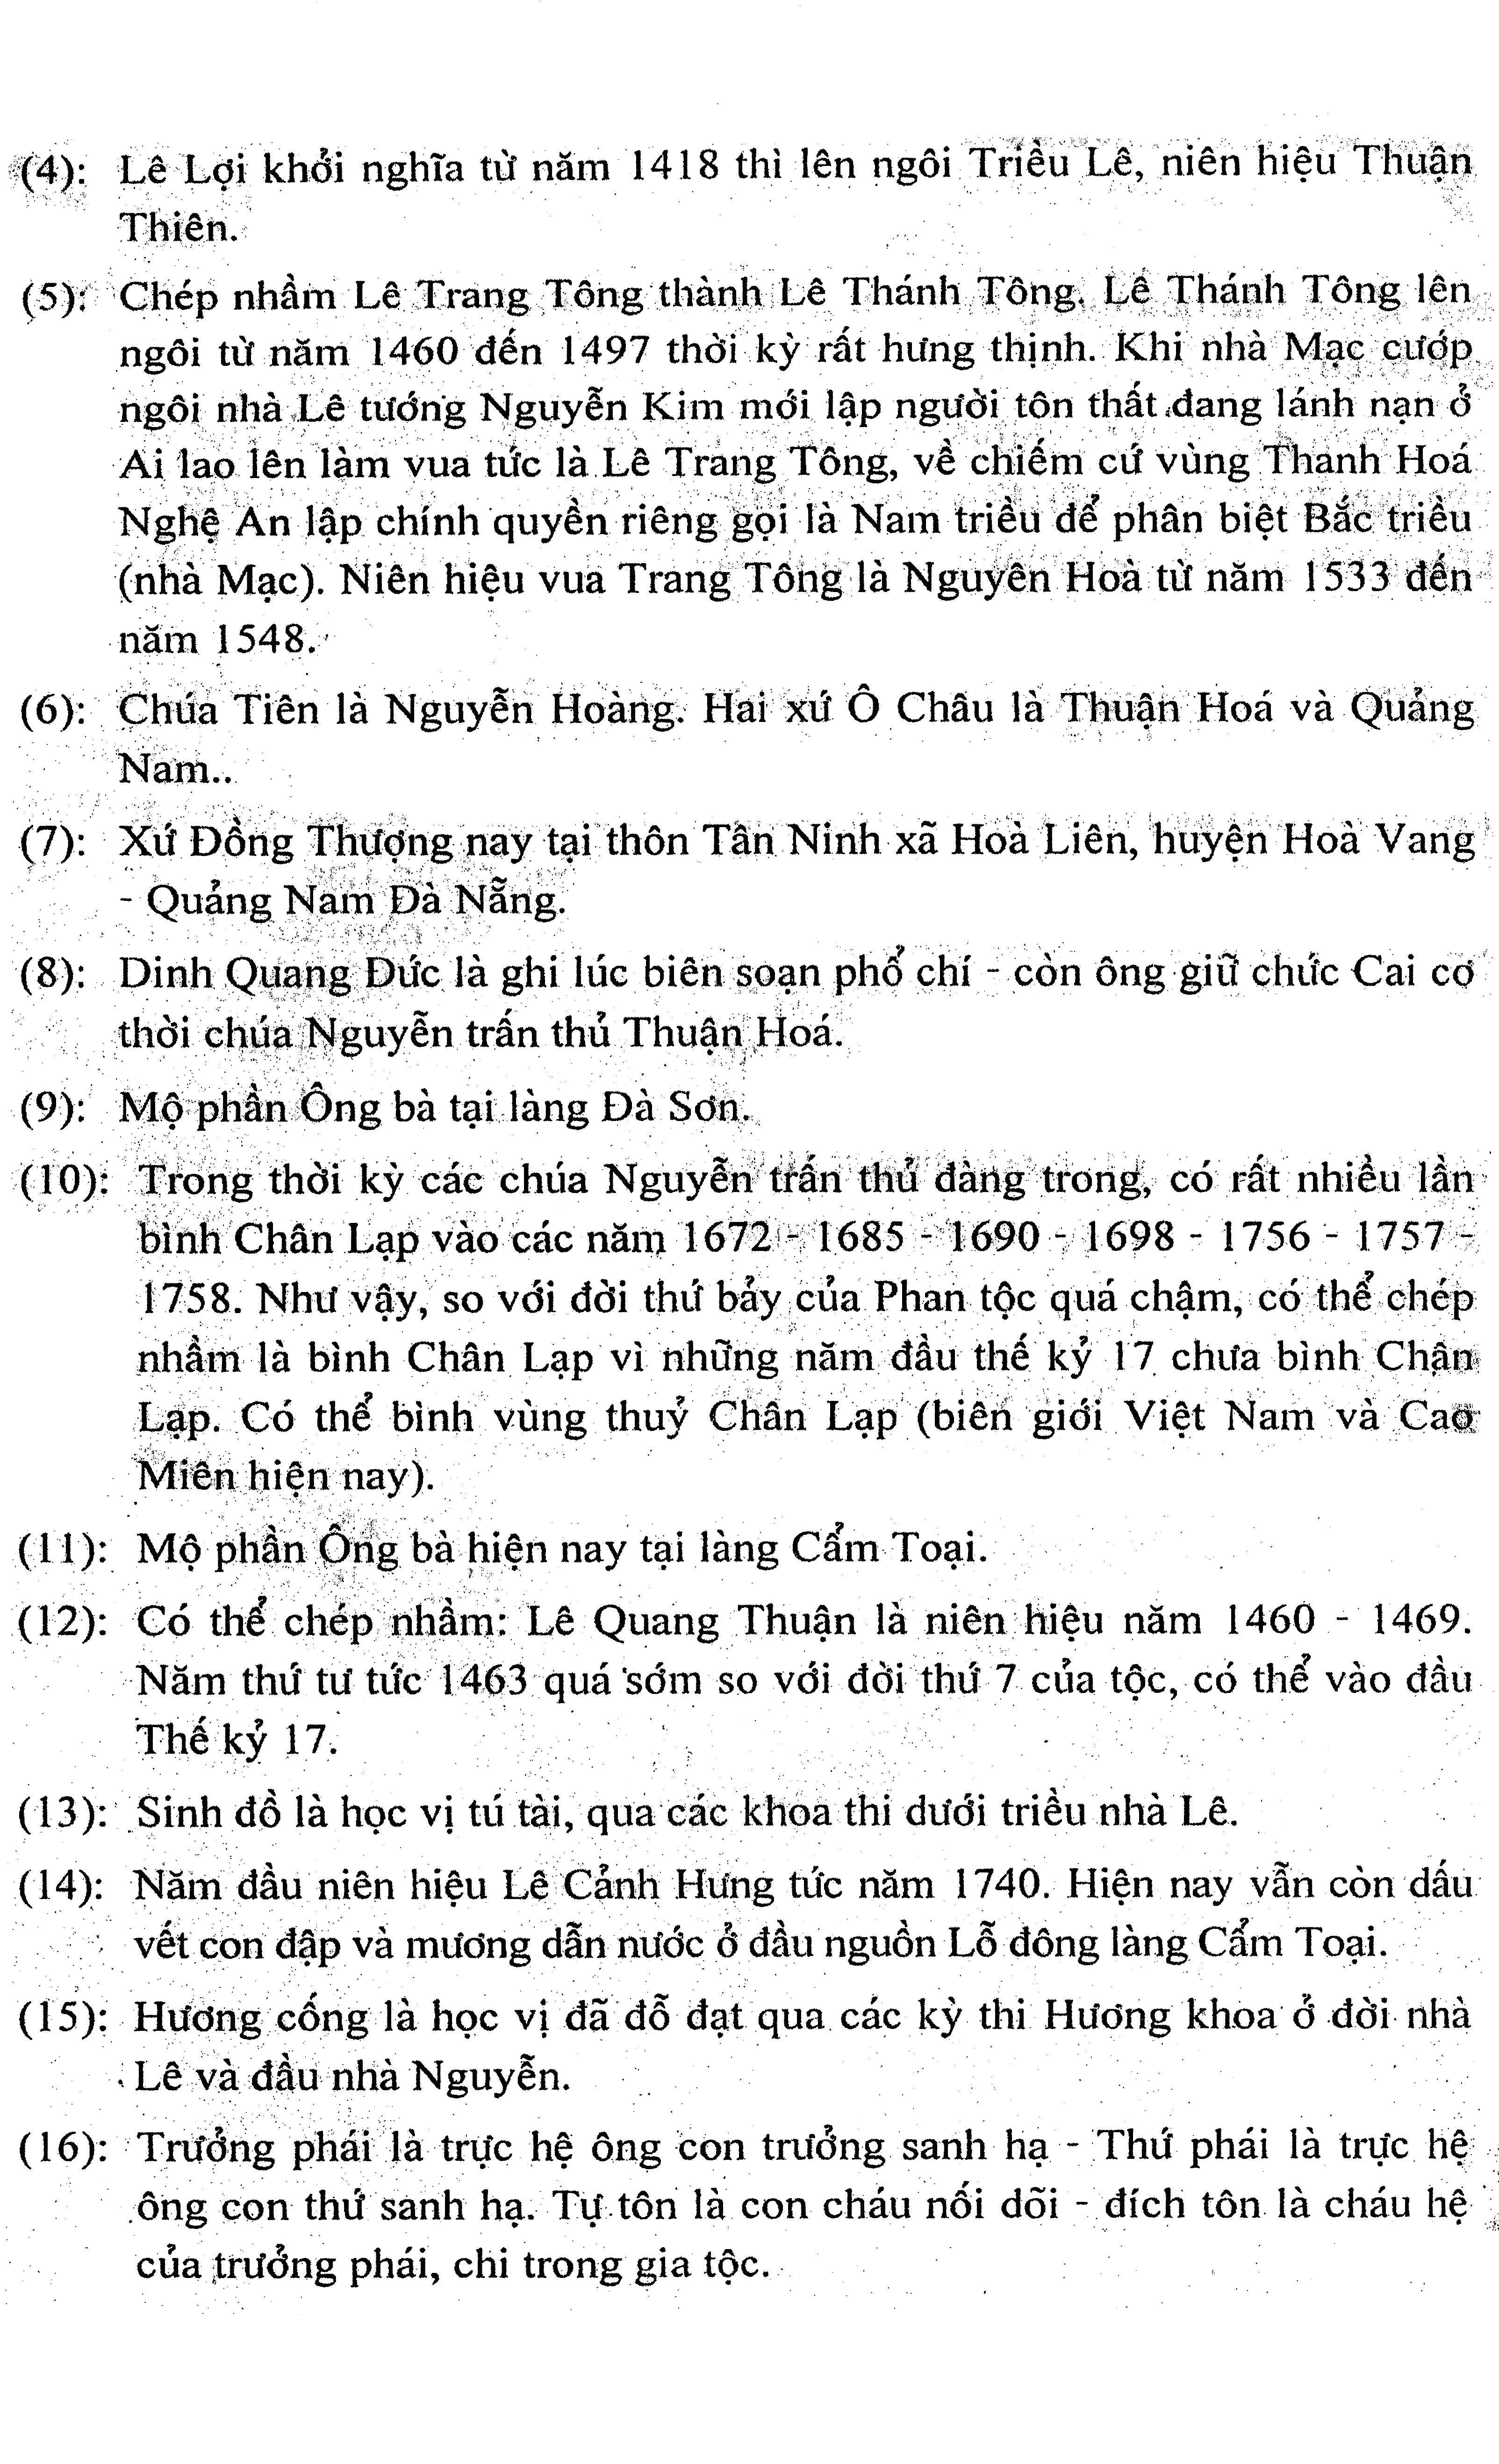 21 - Miền tháp cổ - Tác giả Vũ Hùng - Kỳ 10 - Phan tộc phổ chí Đà Sơn - Đà Ly nhị xã